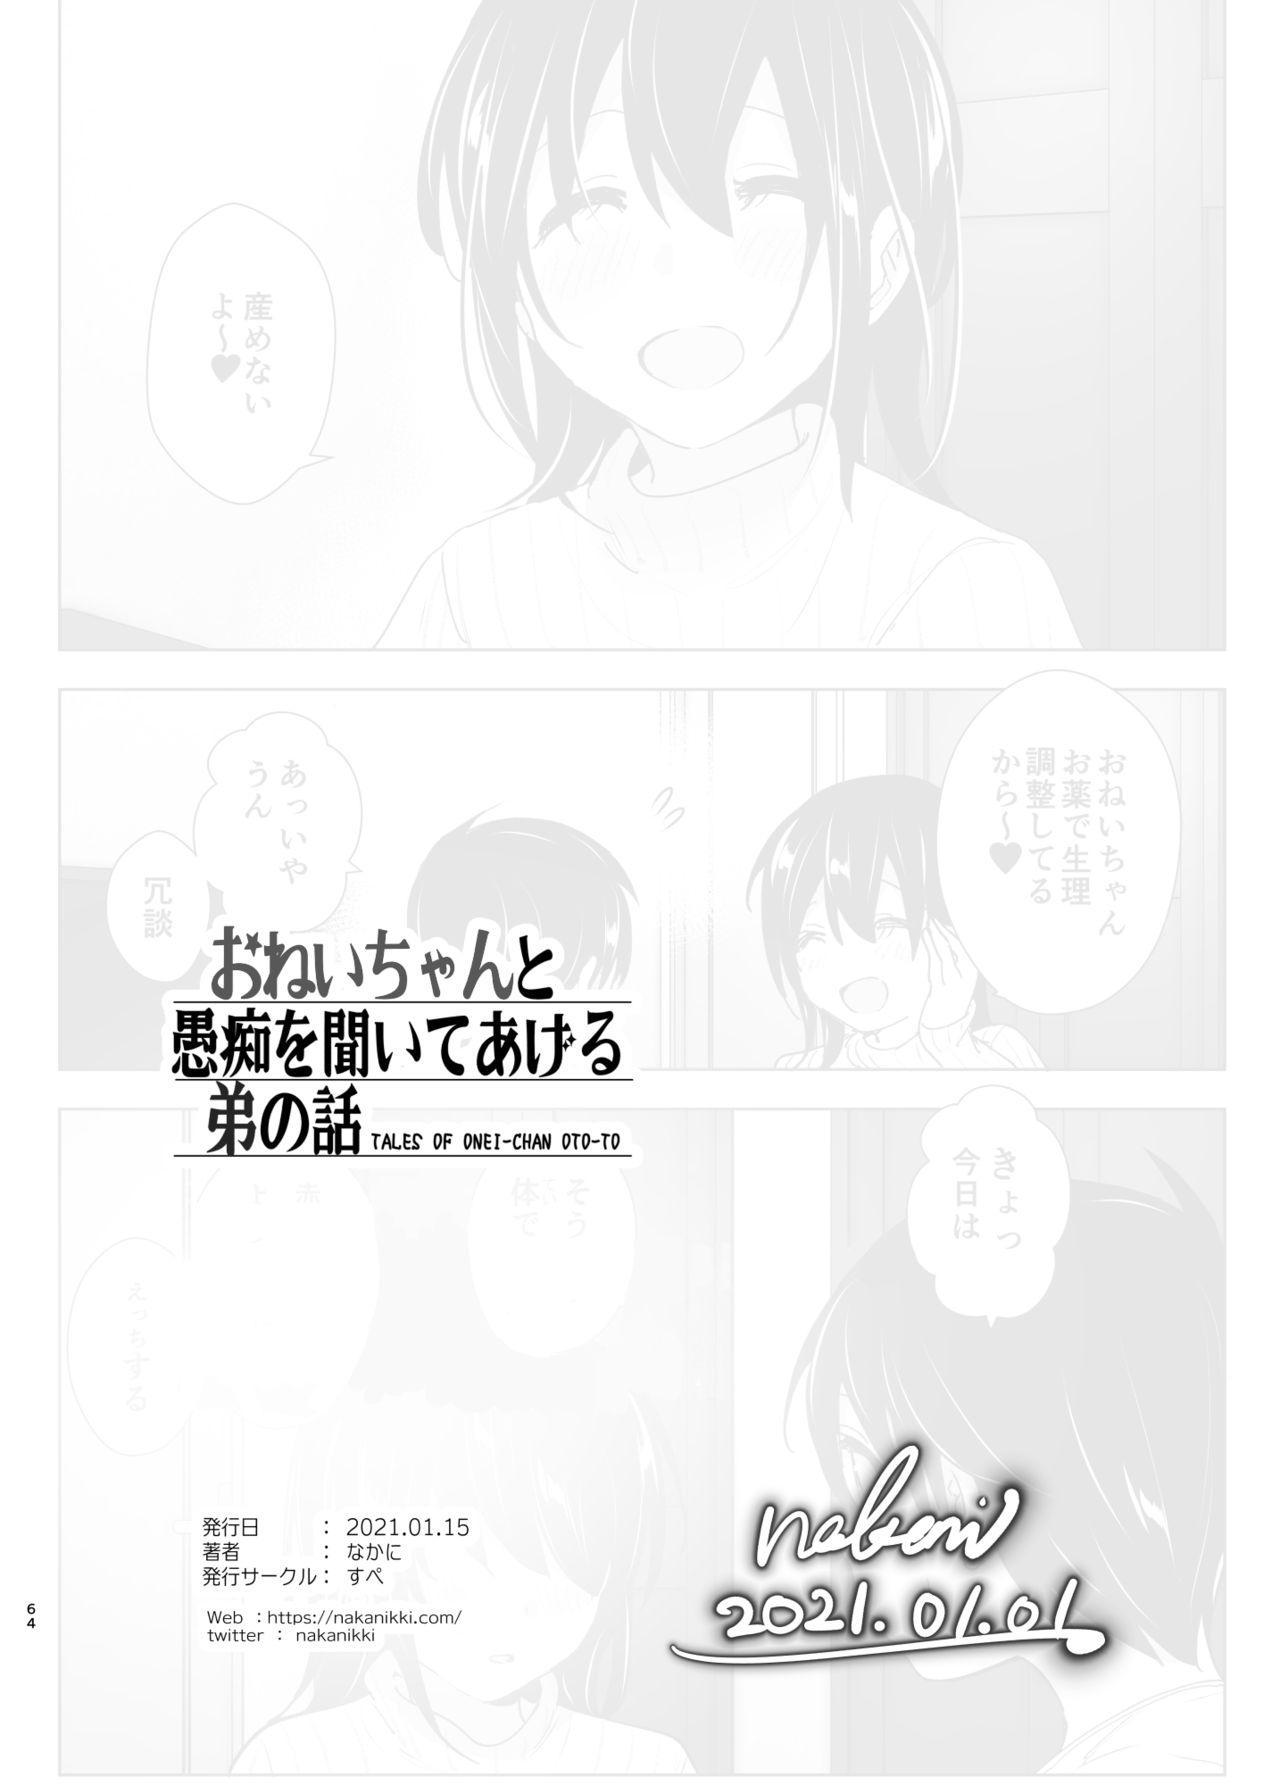 [Supe (Nakani)] Onei-chan to Guchi o Kiite Ageru Otouto no Hanashi 2 - Tales of Onei-chan Oto-to [Tamamo | GDS] [English] 62